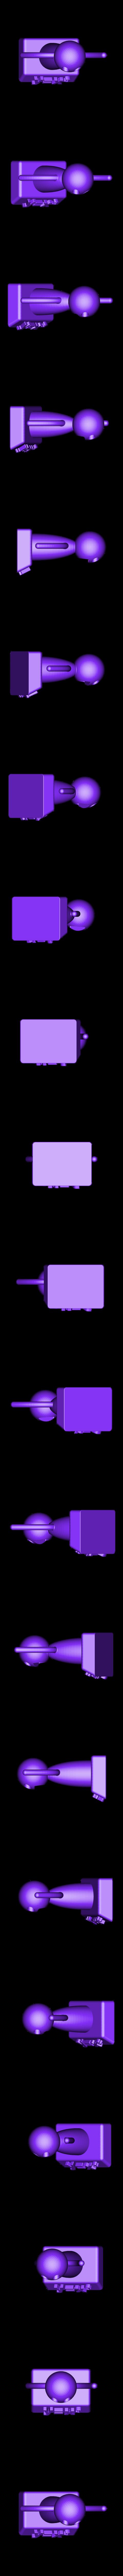 Function_Stickman_yx³_full.stl Télécharger fichier STL gratuit Dancing Function Stickmen • Plan pour impression 3D, Chrisibub